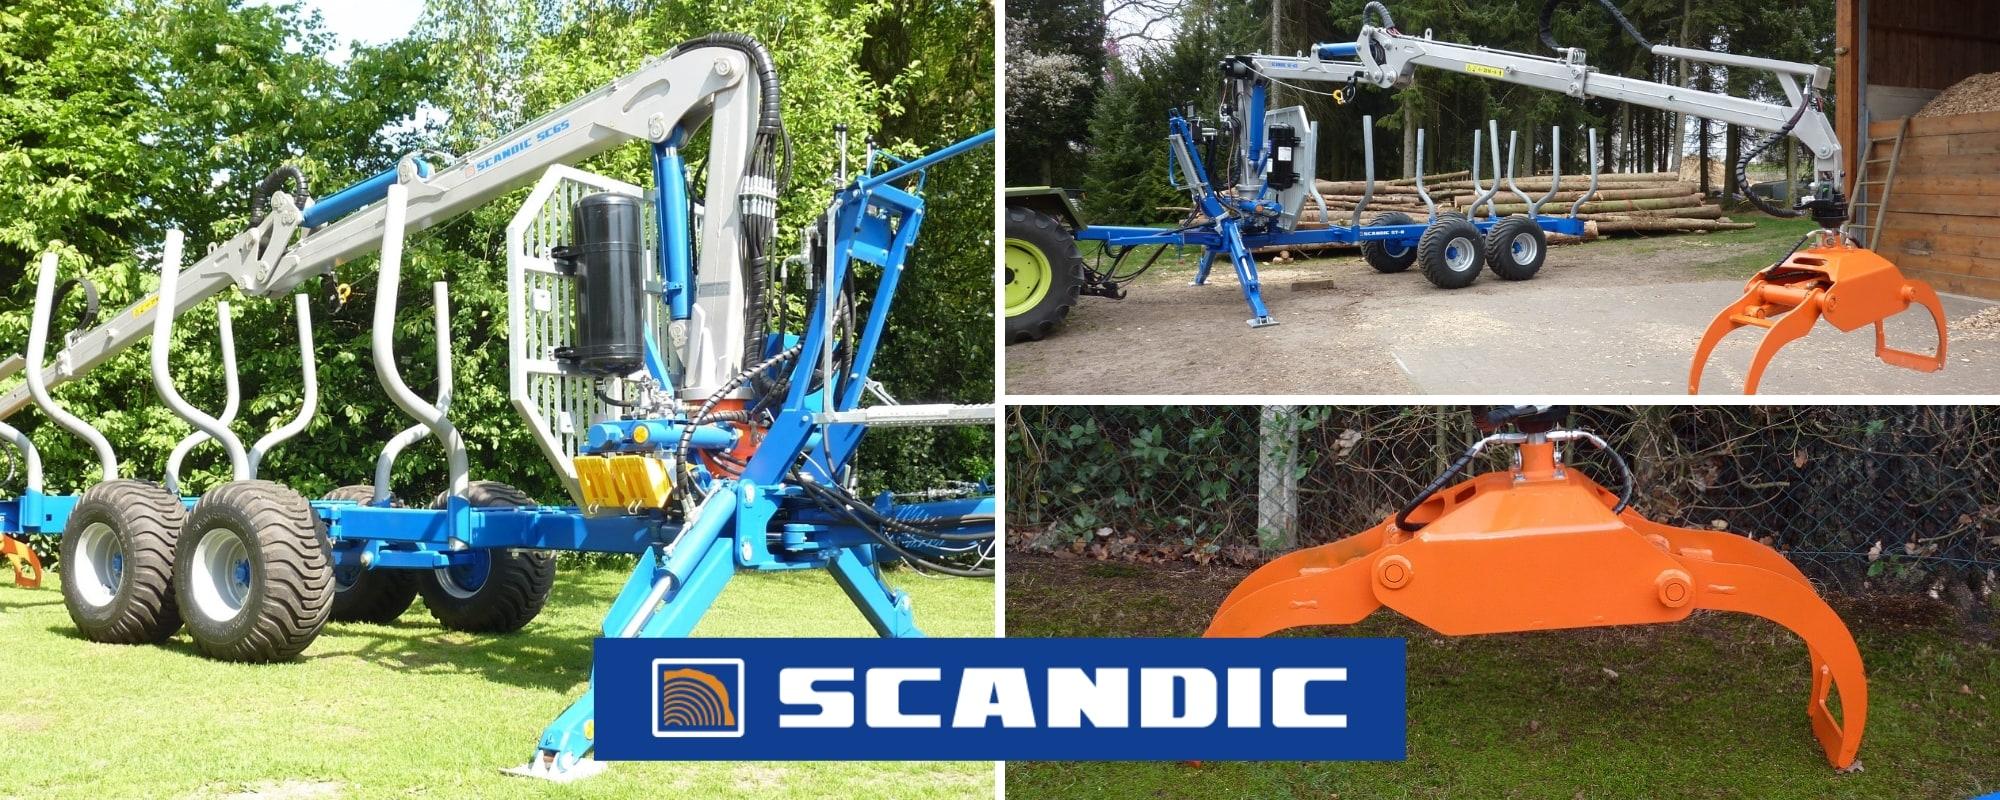 SCANDIC-Forstanhänger, -Forstkräne und -Greifer